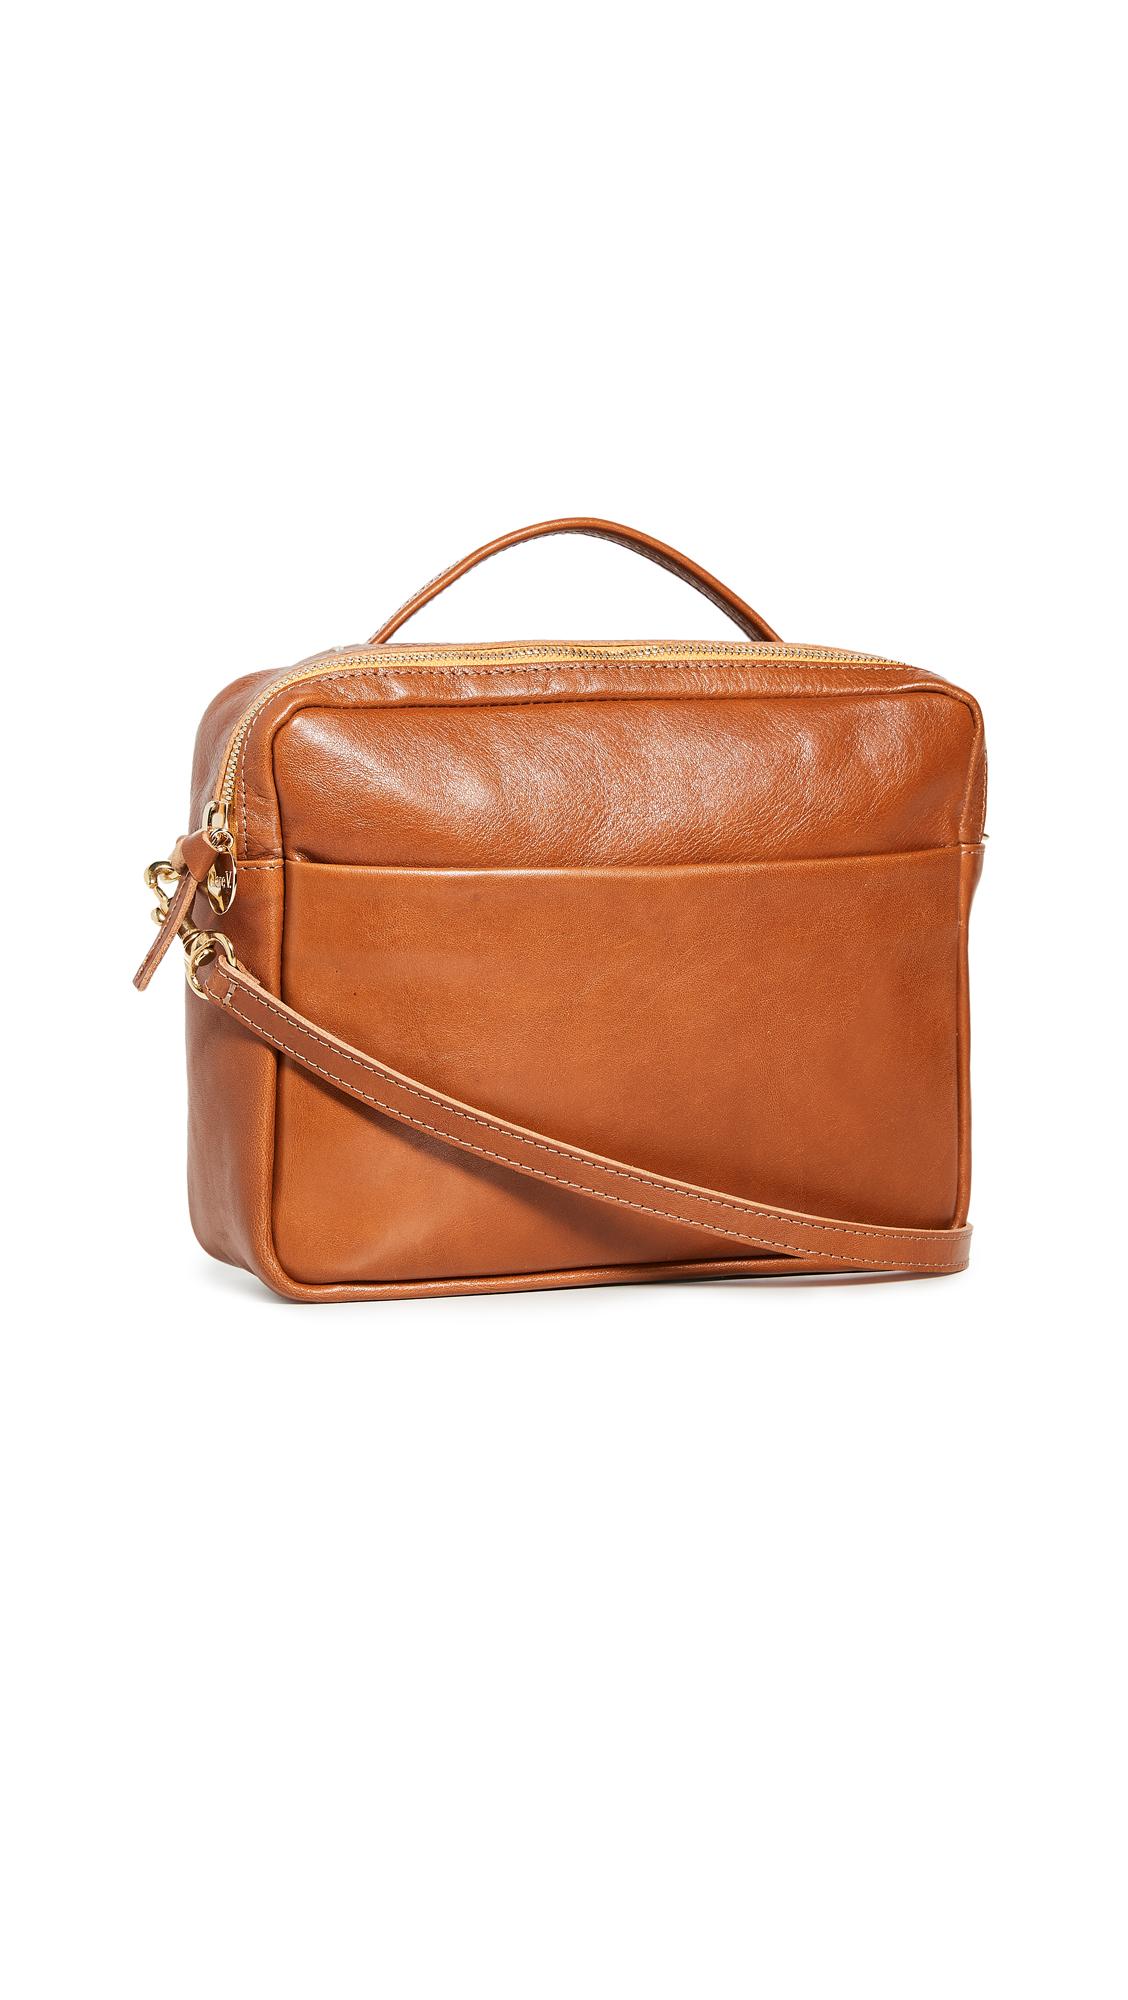 Clare V Bags Mirabel Bag